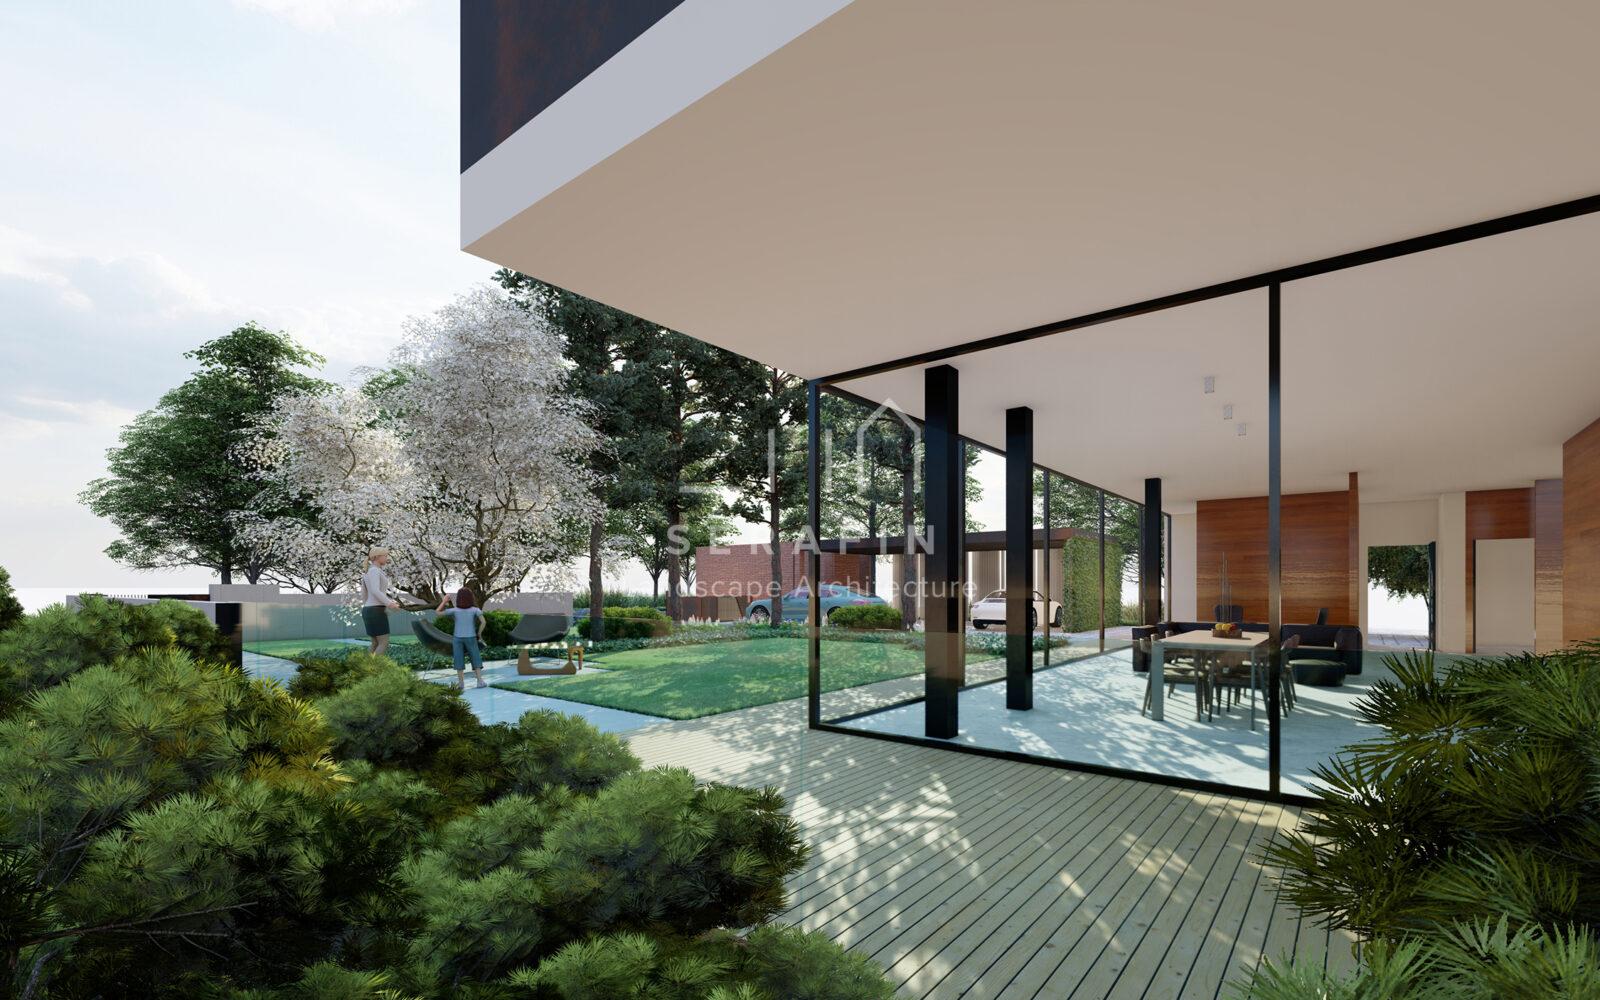 progettazione integrale di un giardino periurbano in provincia di Treviso - 6